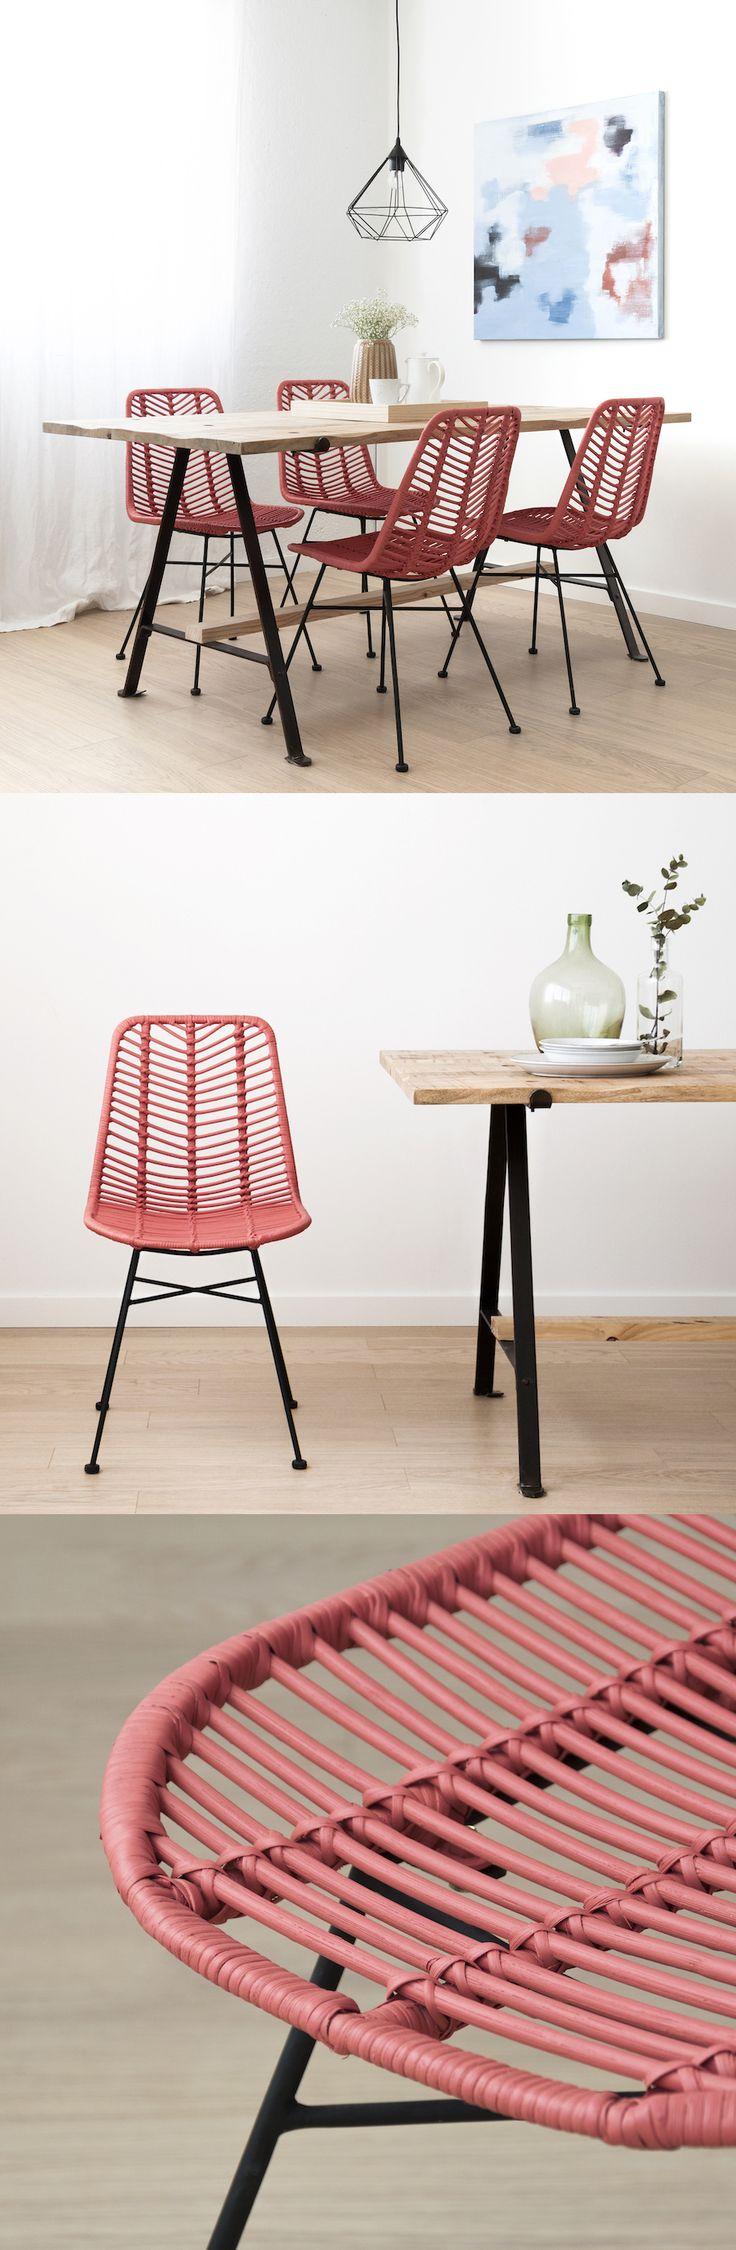 Las sillas Cali se van a convertir en un imprescindible en tu casa. Dale un toque natural y especial a tu comedor y terraza, serás la envidia de todos tus invitados.Las tenemos disponibles en 6 colores: blanco, coral, gris, natural, negro y verde. #inspiration #kenayhome